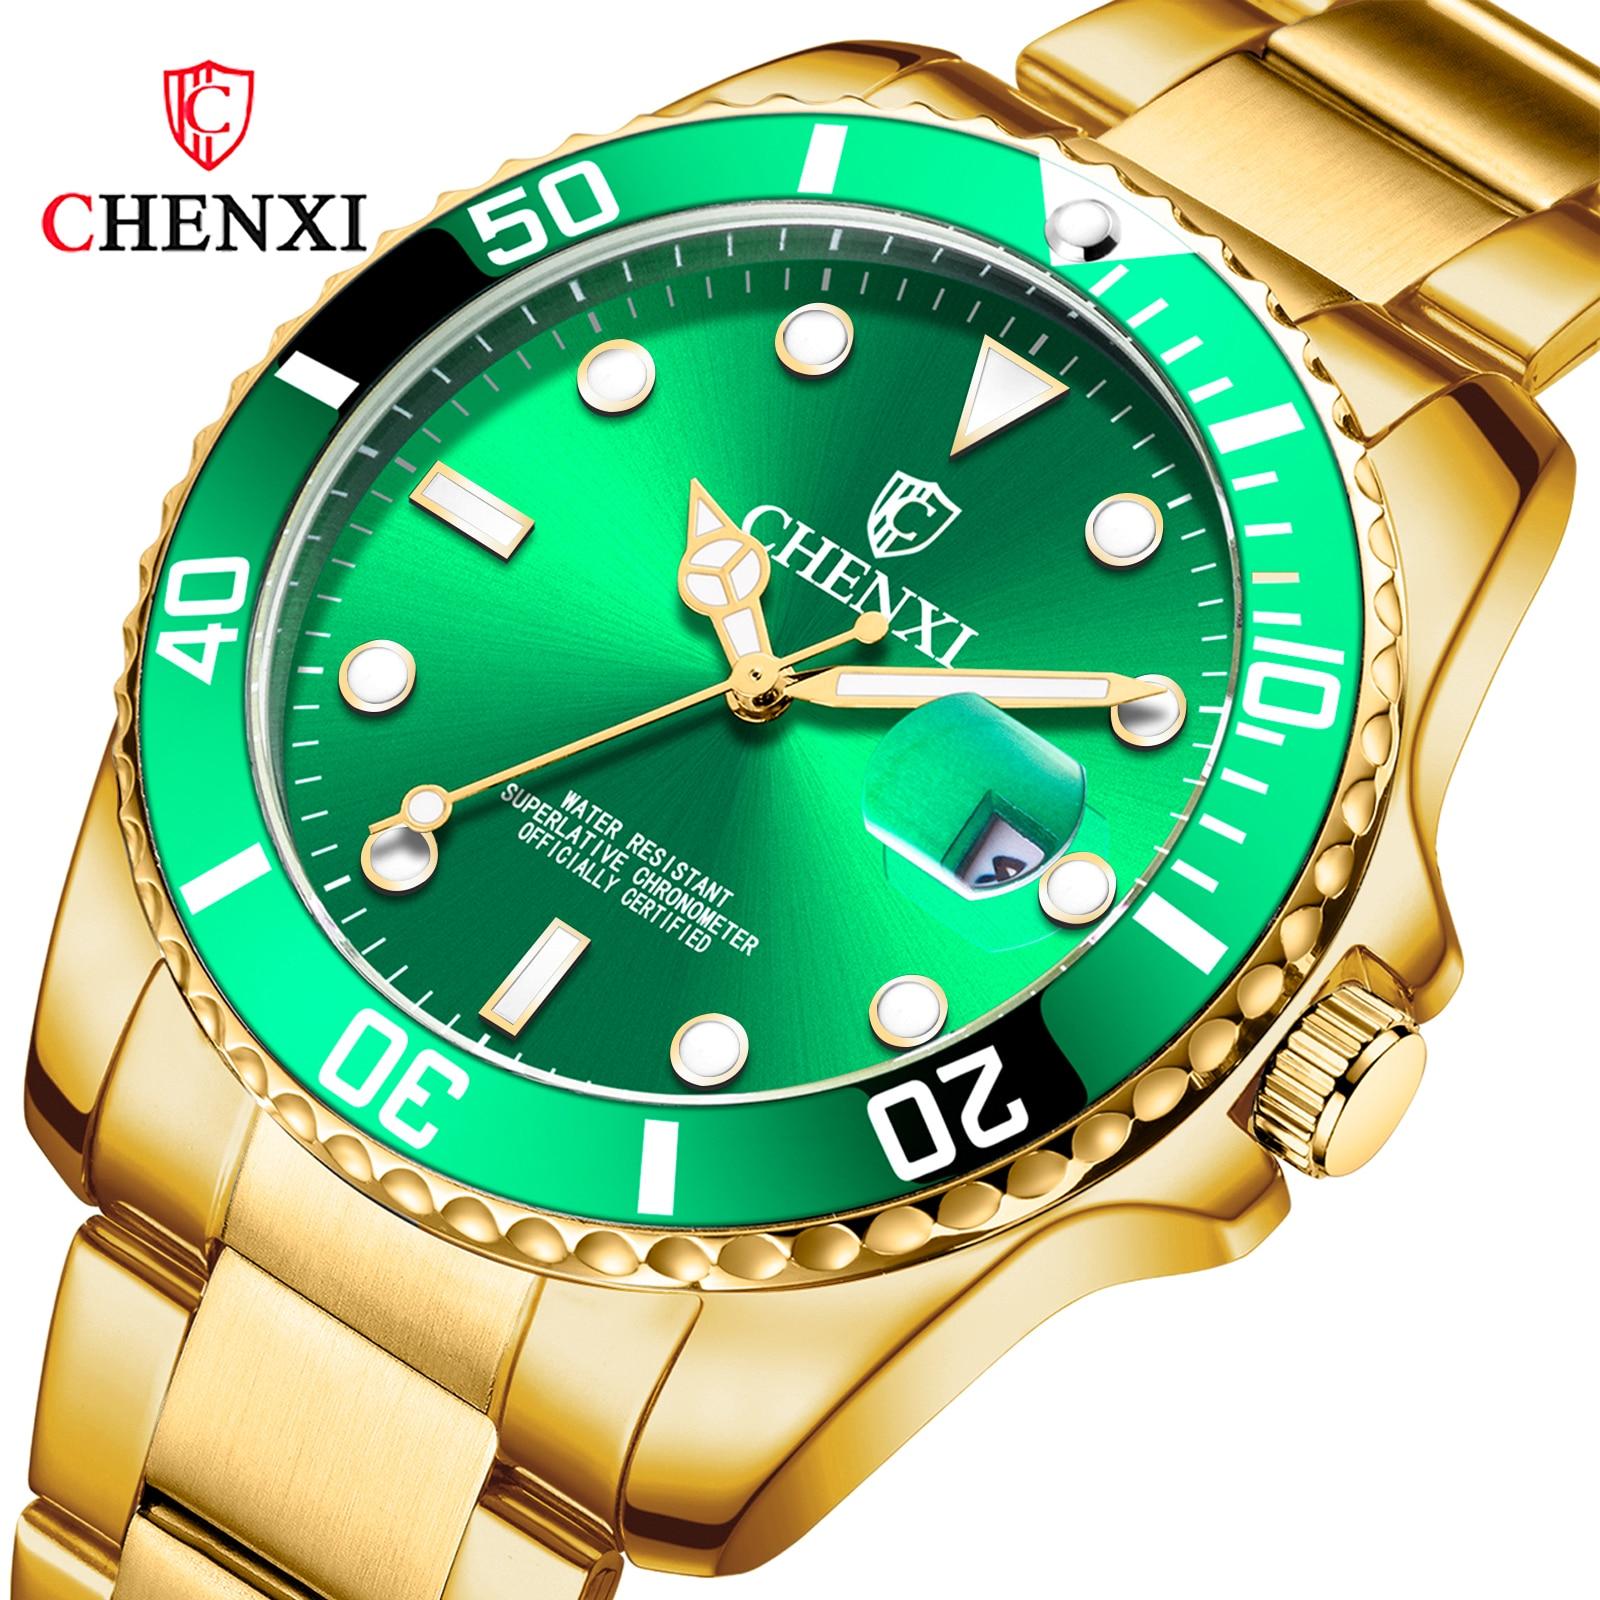 CHENXI Women Watch Top Brand Luxury Steel Strap Waterproof Ladies Wristwatches Fashion Bracelet Quartz Watches Female Clock enlarge